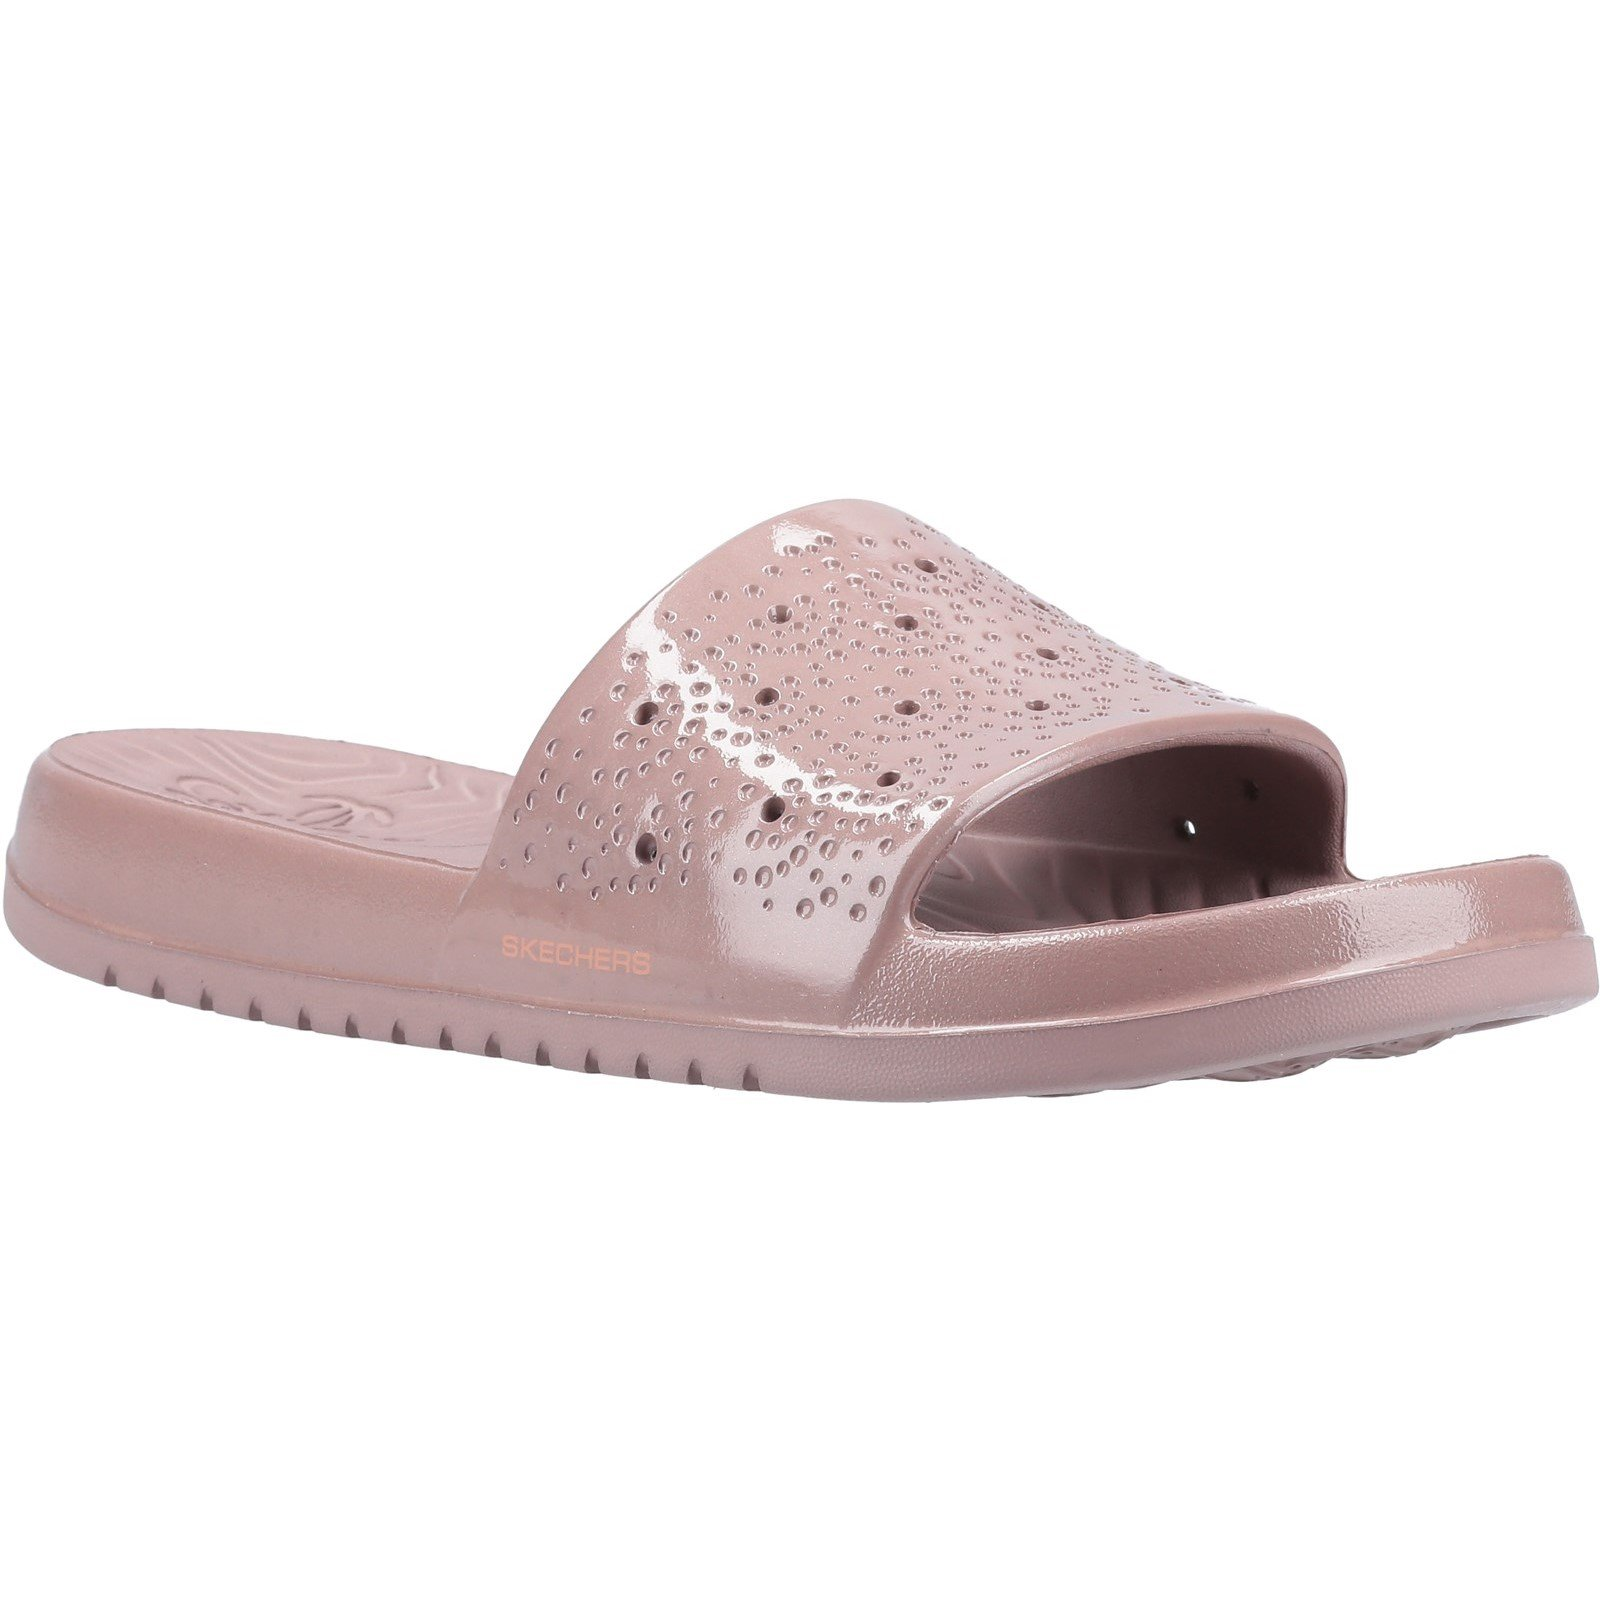 Skechers Women's Gleam Sizzling Slide Sandal Rose Gold 32373 - Rose Gold 5